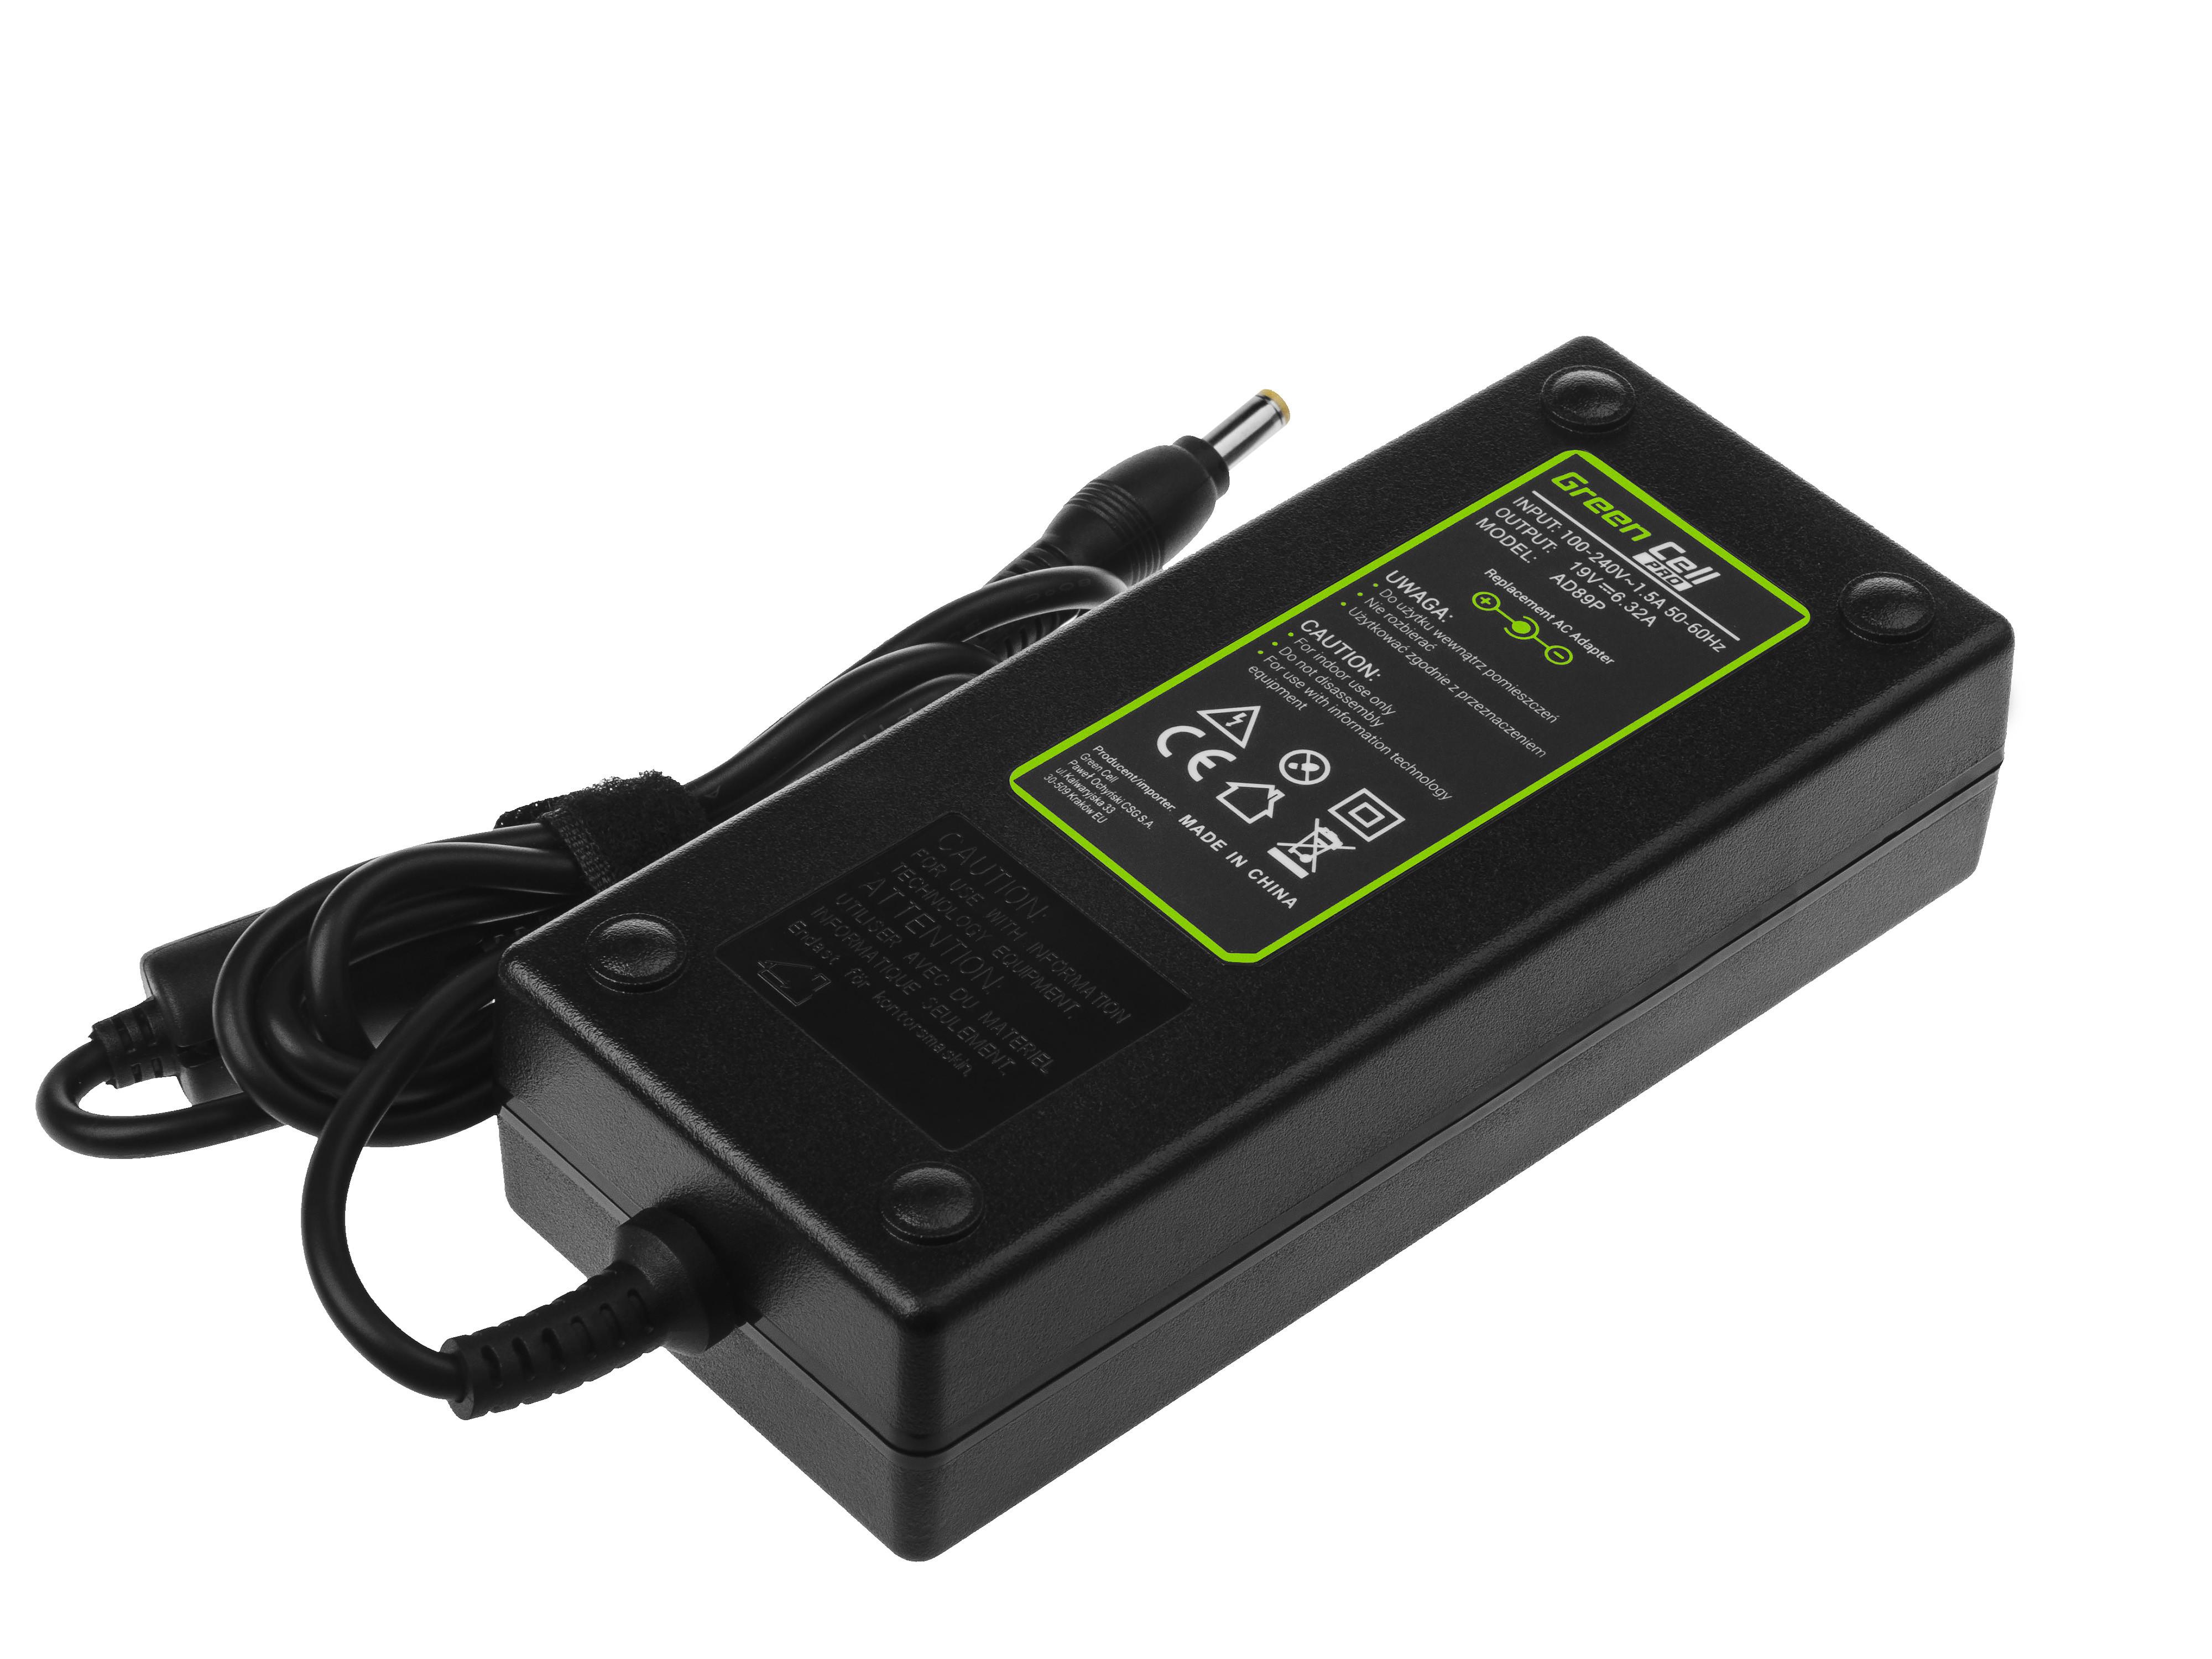 Green Cell AD89P Adaptér Nabíječka Acer A11-120P1A pro Acer Aspire V3-771 V3-771G V3-772 V3-772G | 19V 6.32A 120W konektor 5.5-1.7mm